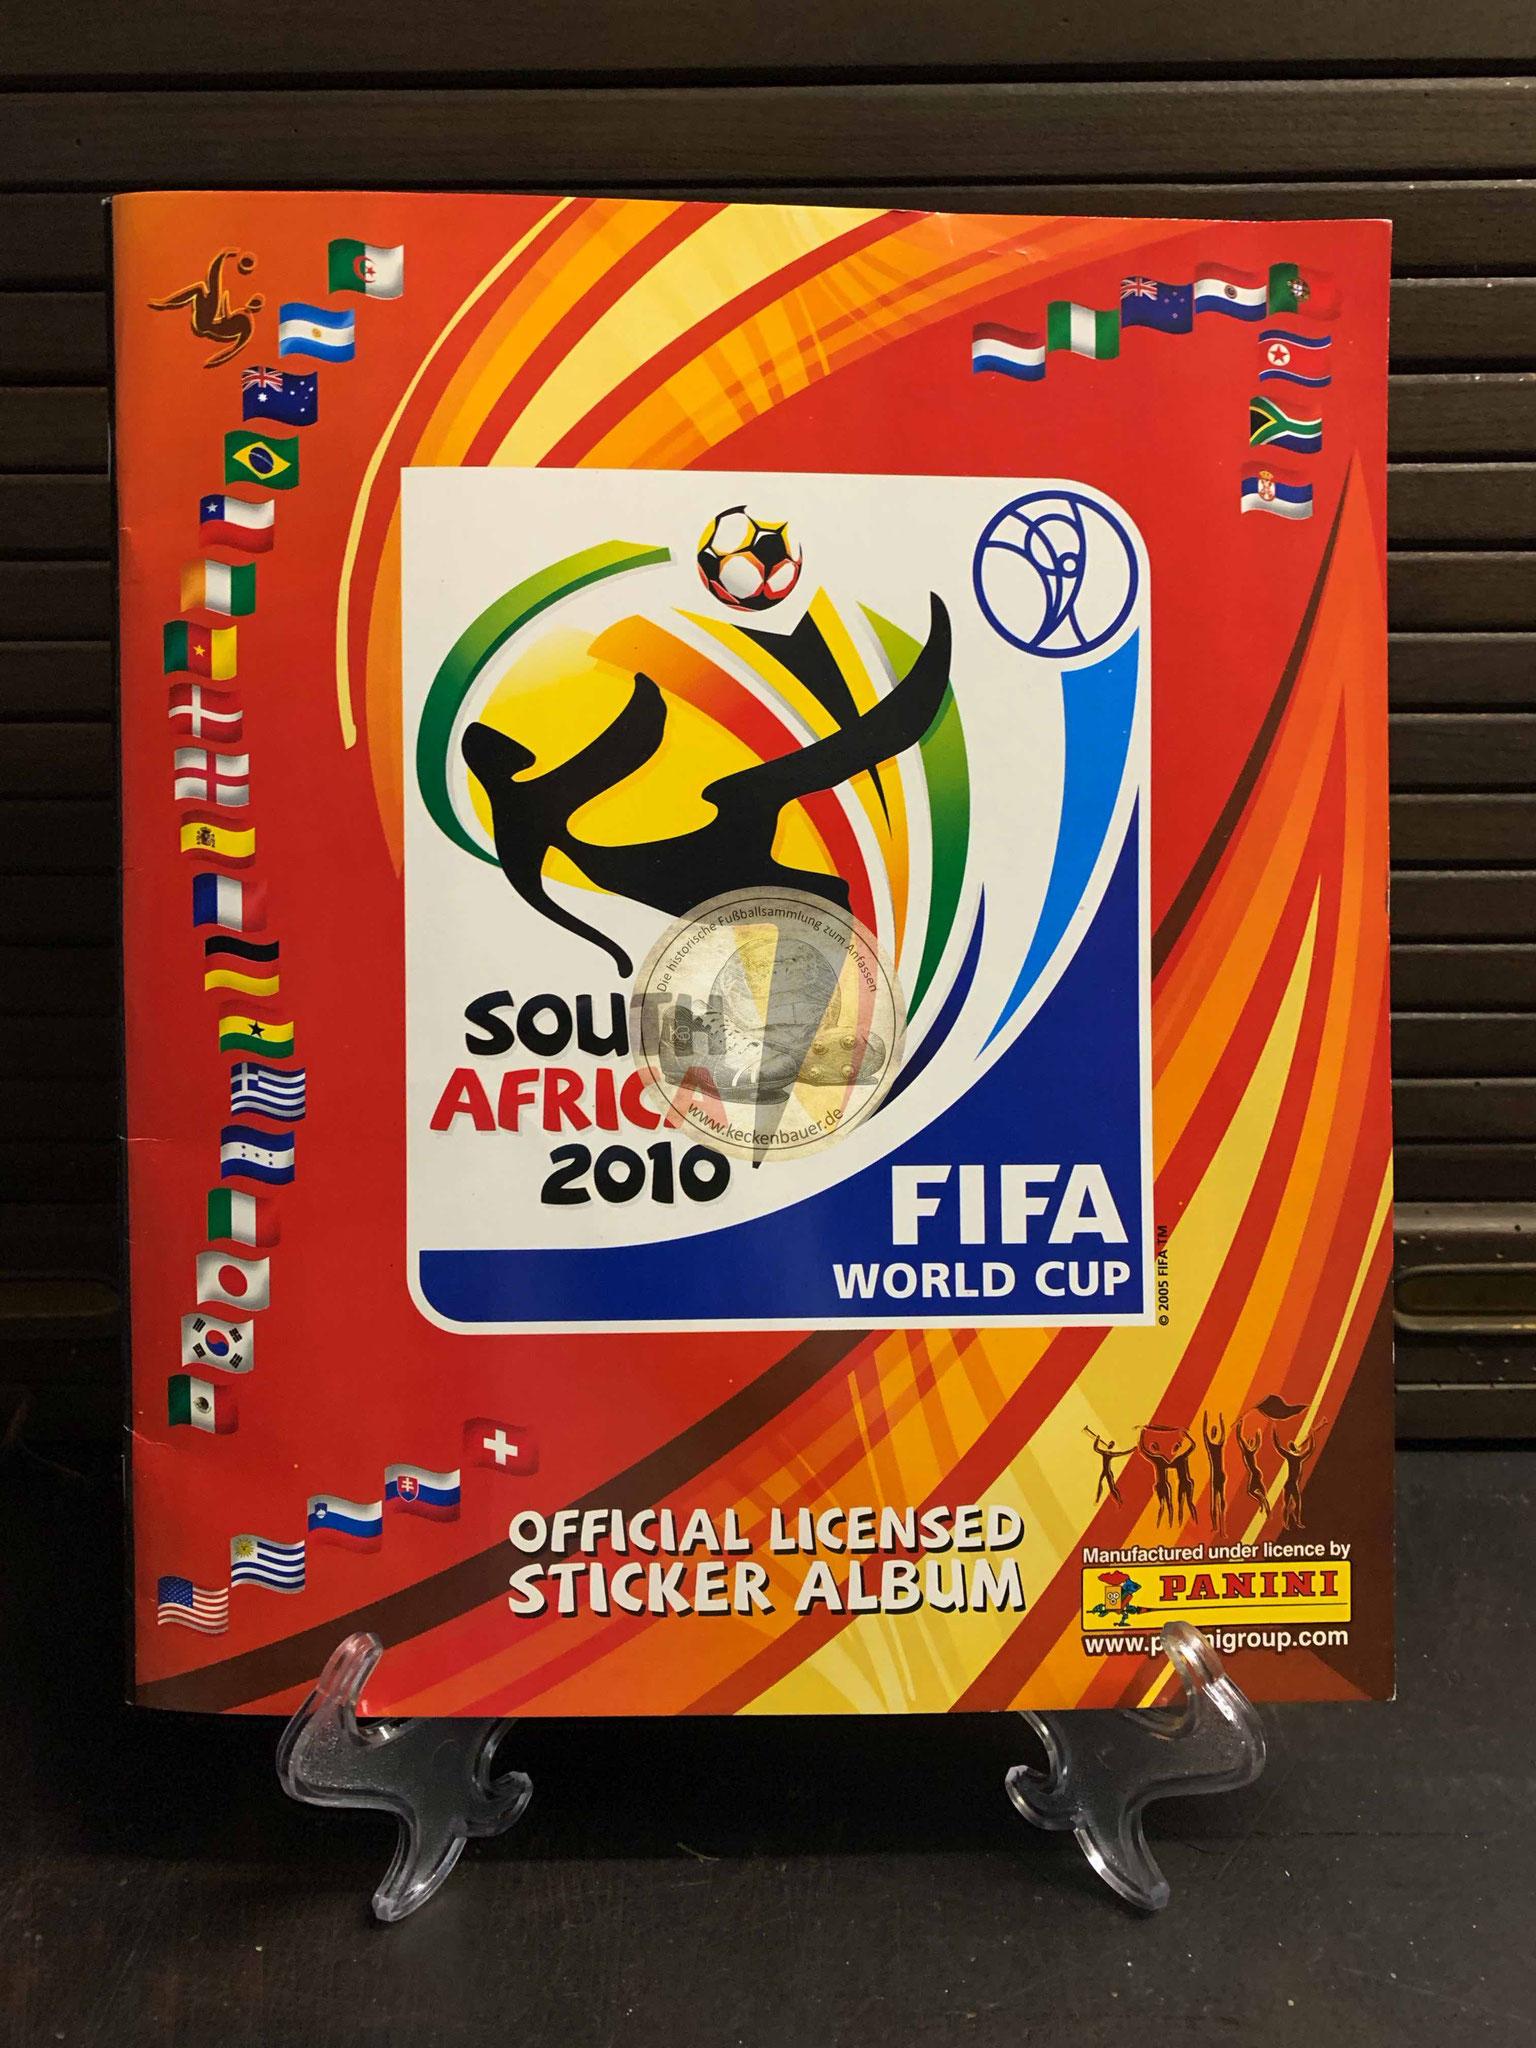 Panini Album von der WM 2010 in Südafrika